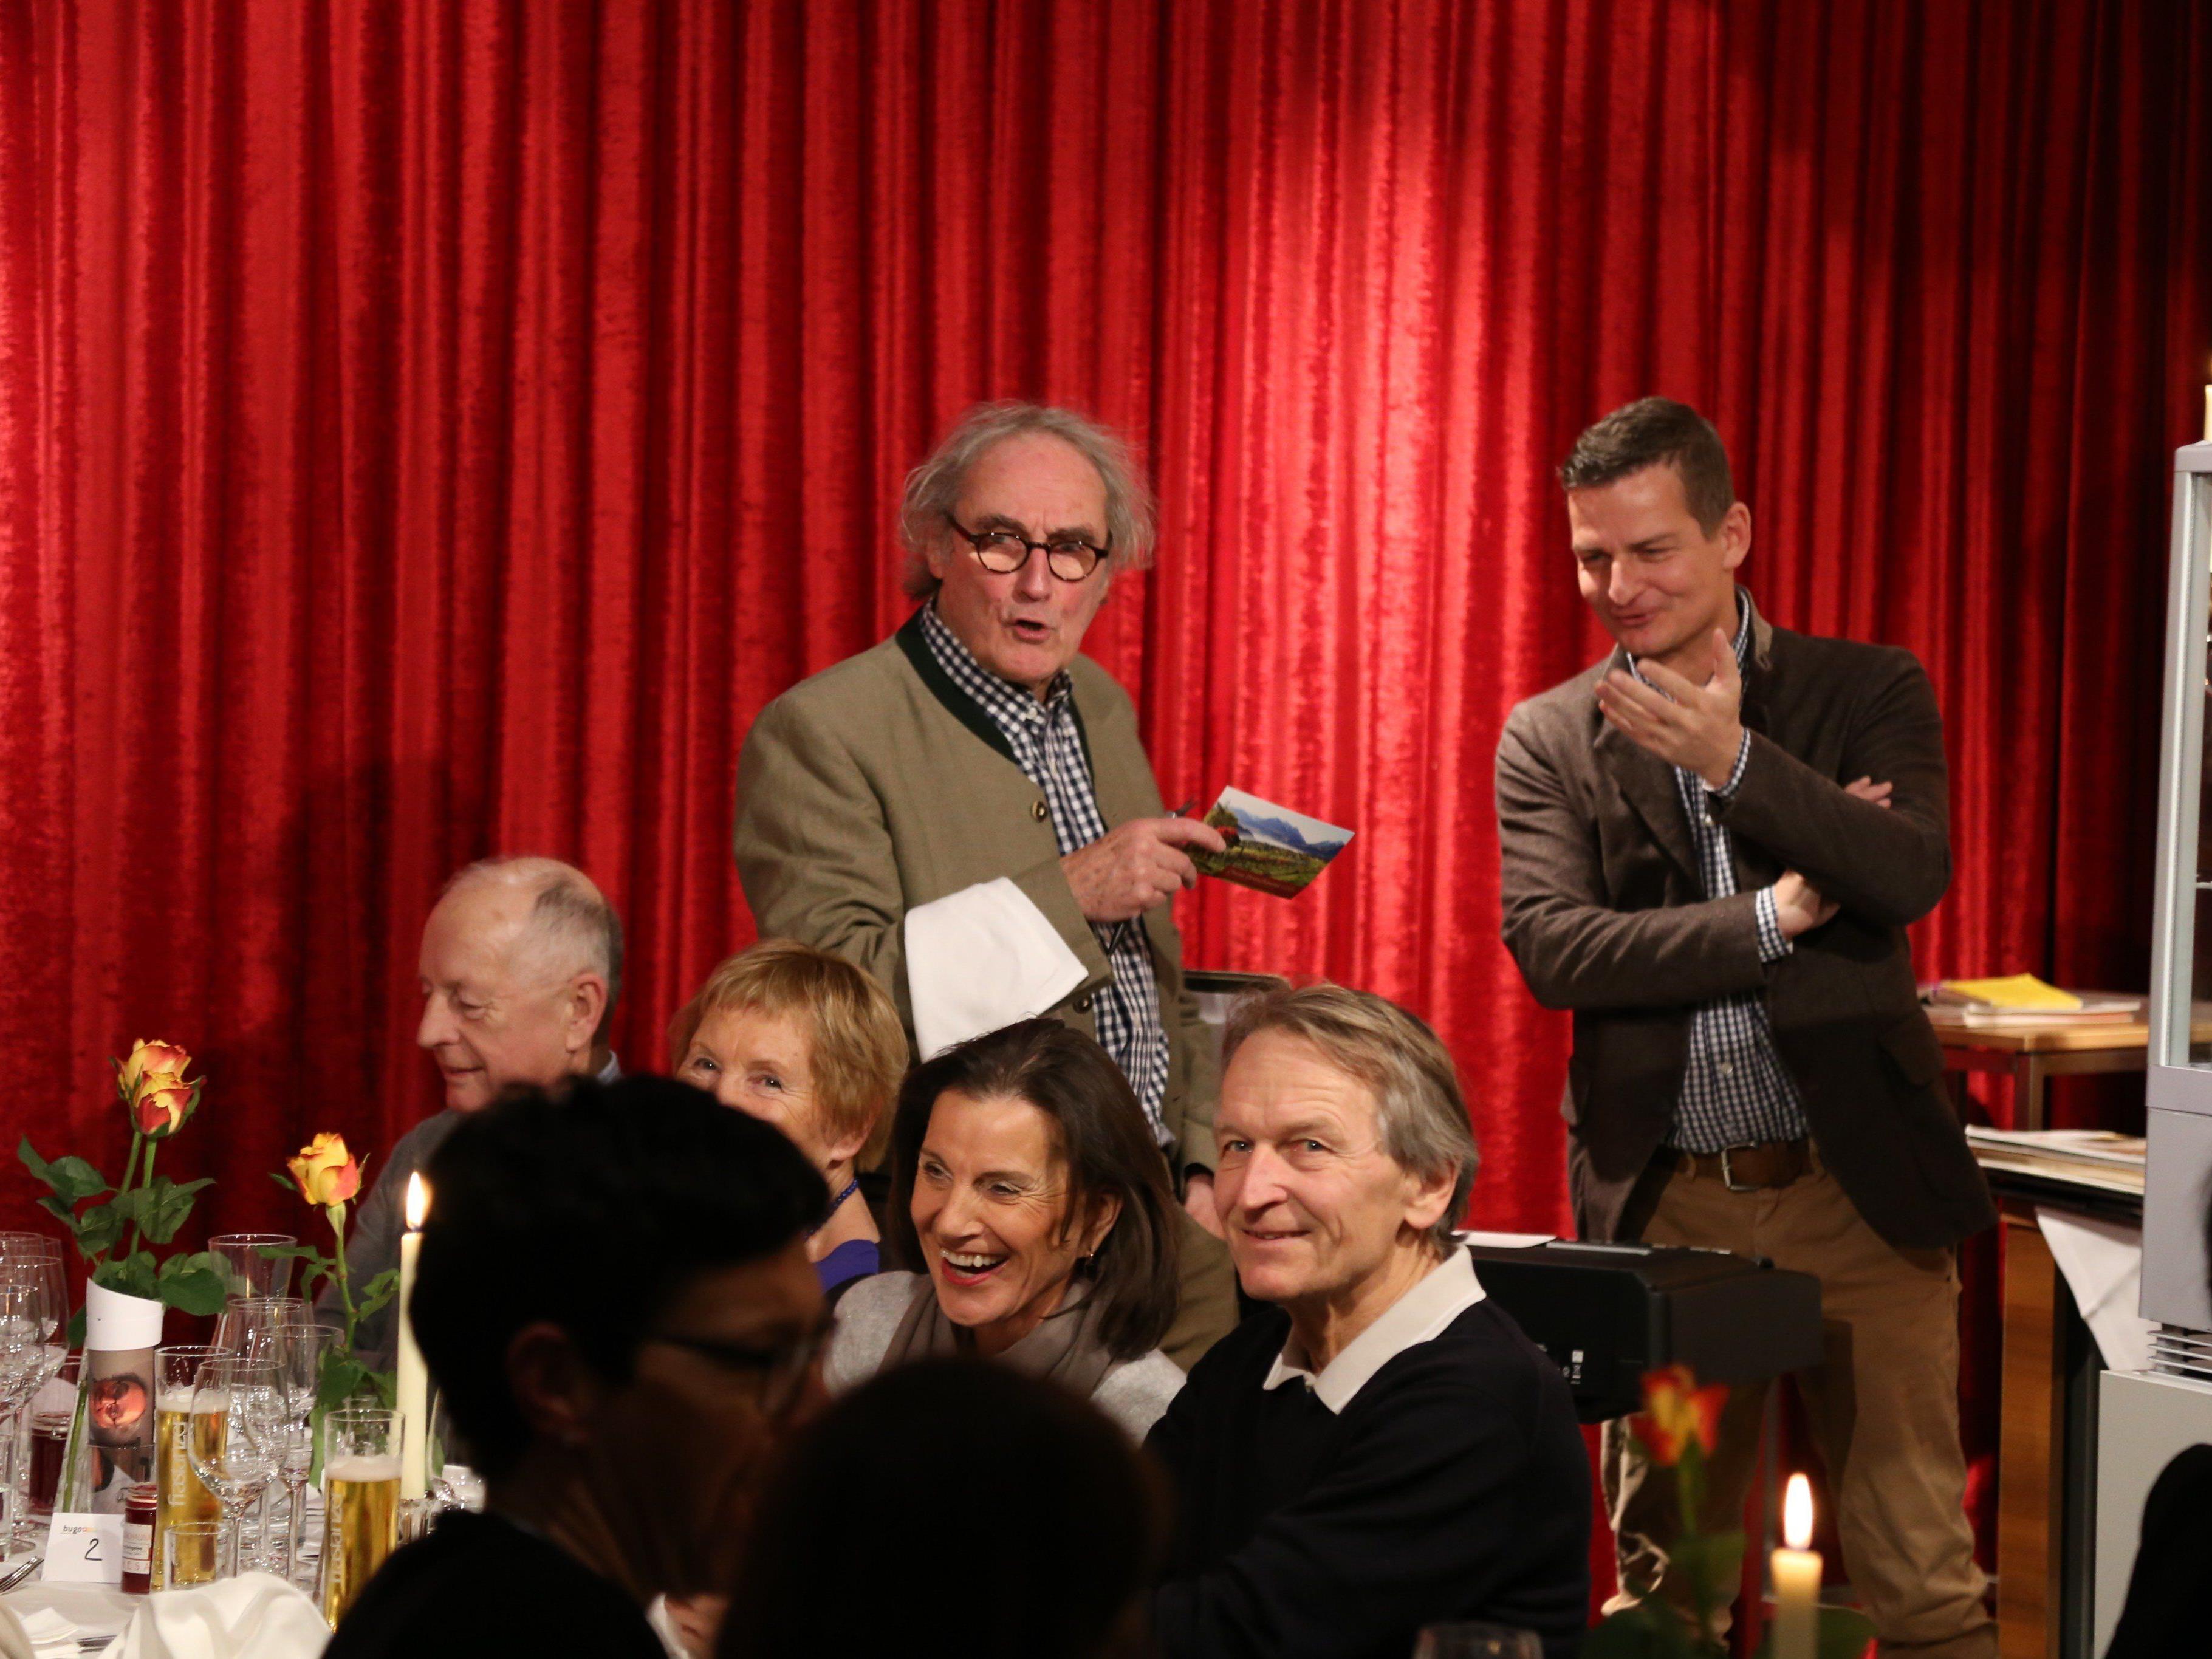 Guter Wein und Unterhaltung – dafür sorgten Winzer Gert Markowski (r.) und Schauspieler Fritz Peter Schmidle (l.).